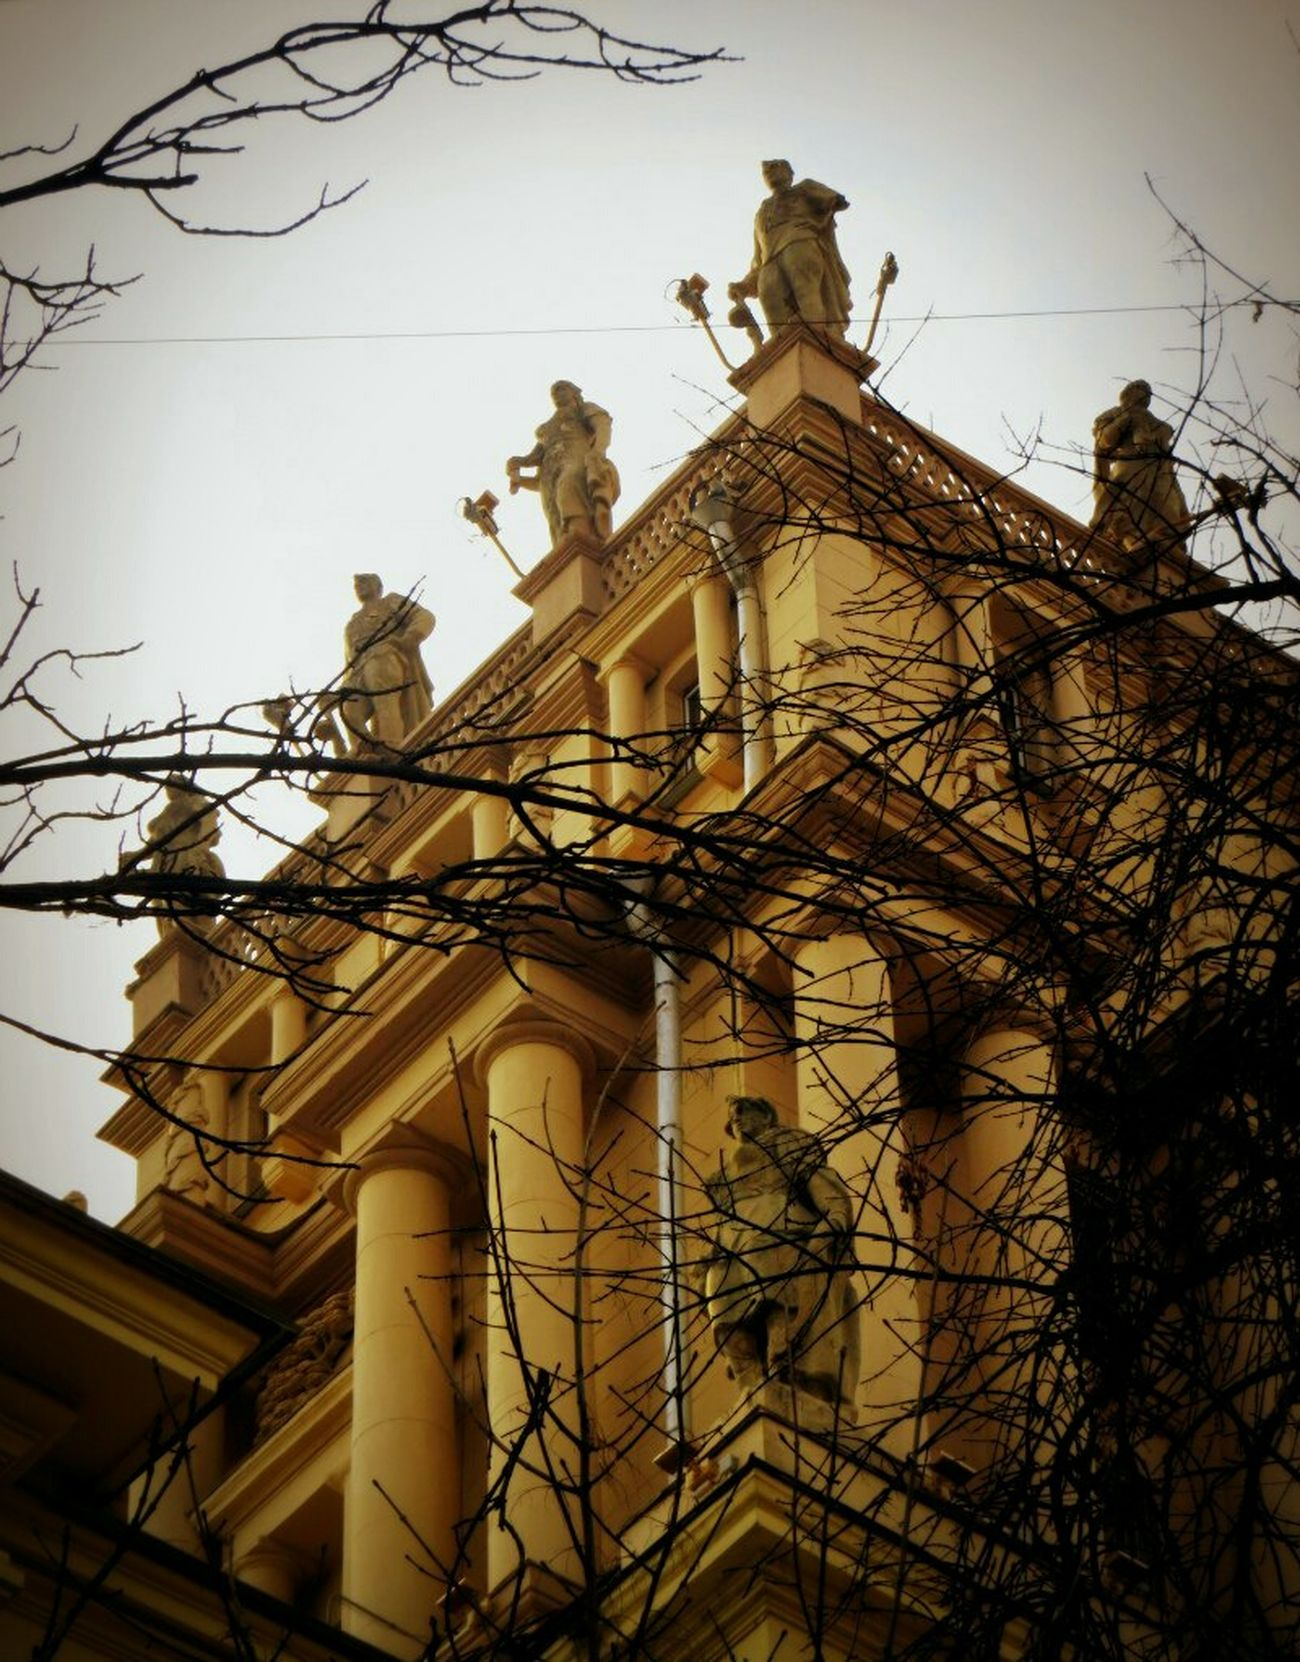 ЛенинскийПроспект Москва Moscow улицымосквы нескучныйсад роднойдом Родныеместа Street